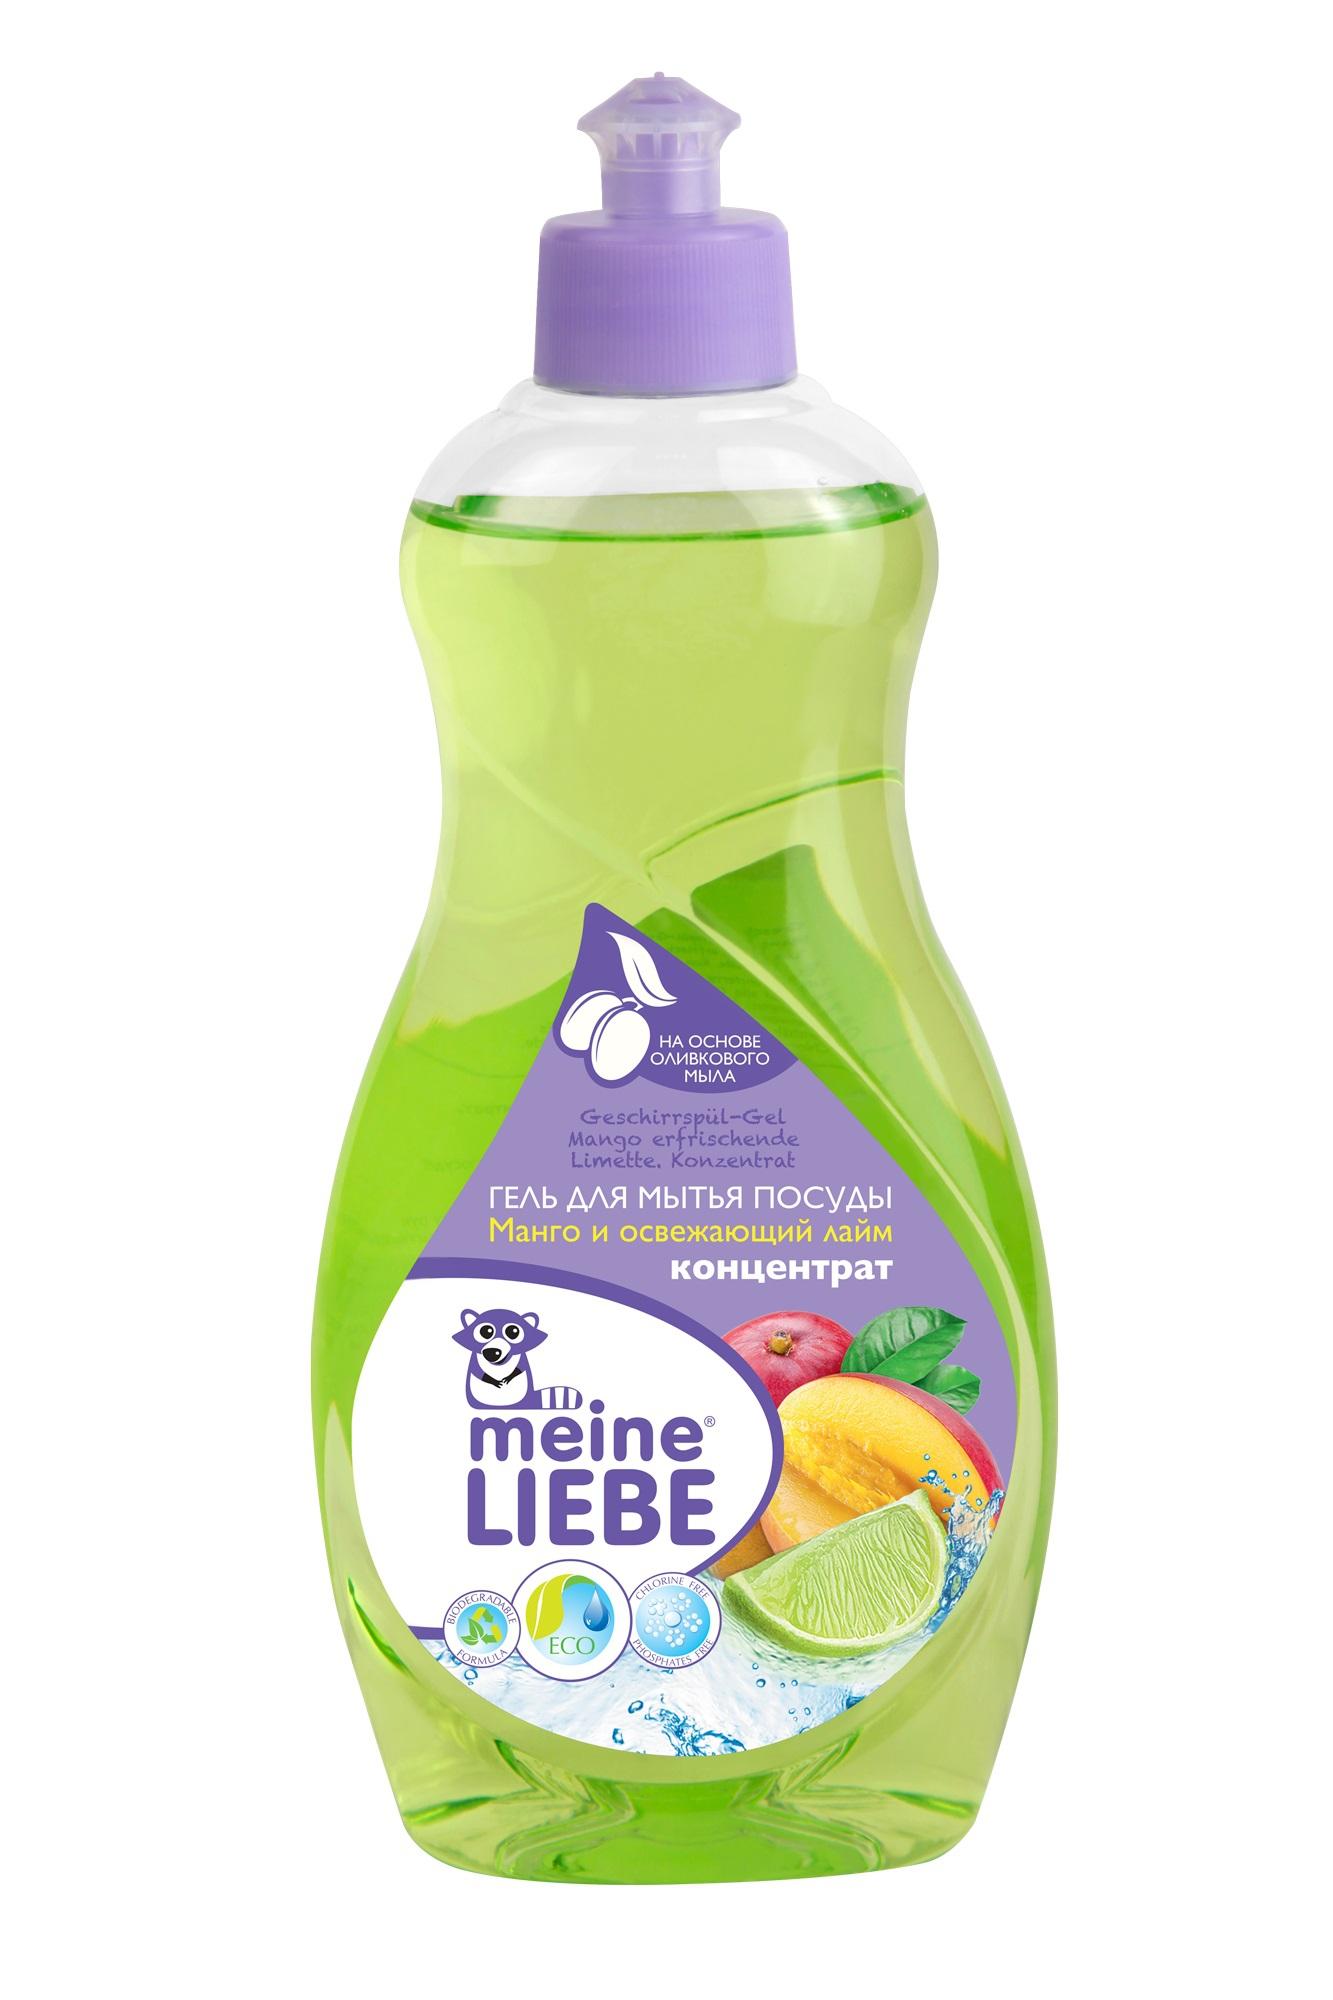 Бытовая химия Meine Liebe Манго/Лайм концентрат 500 мл бытовая химия мистер чистер средство для чистки духовок и микроволновых печей 500 мл